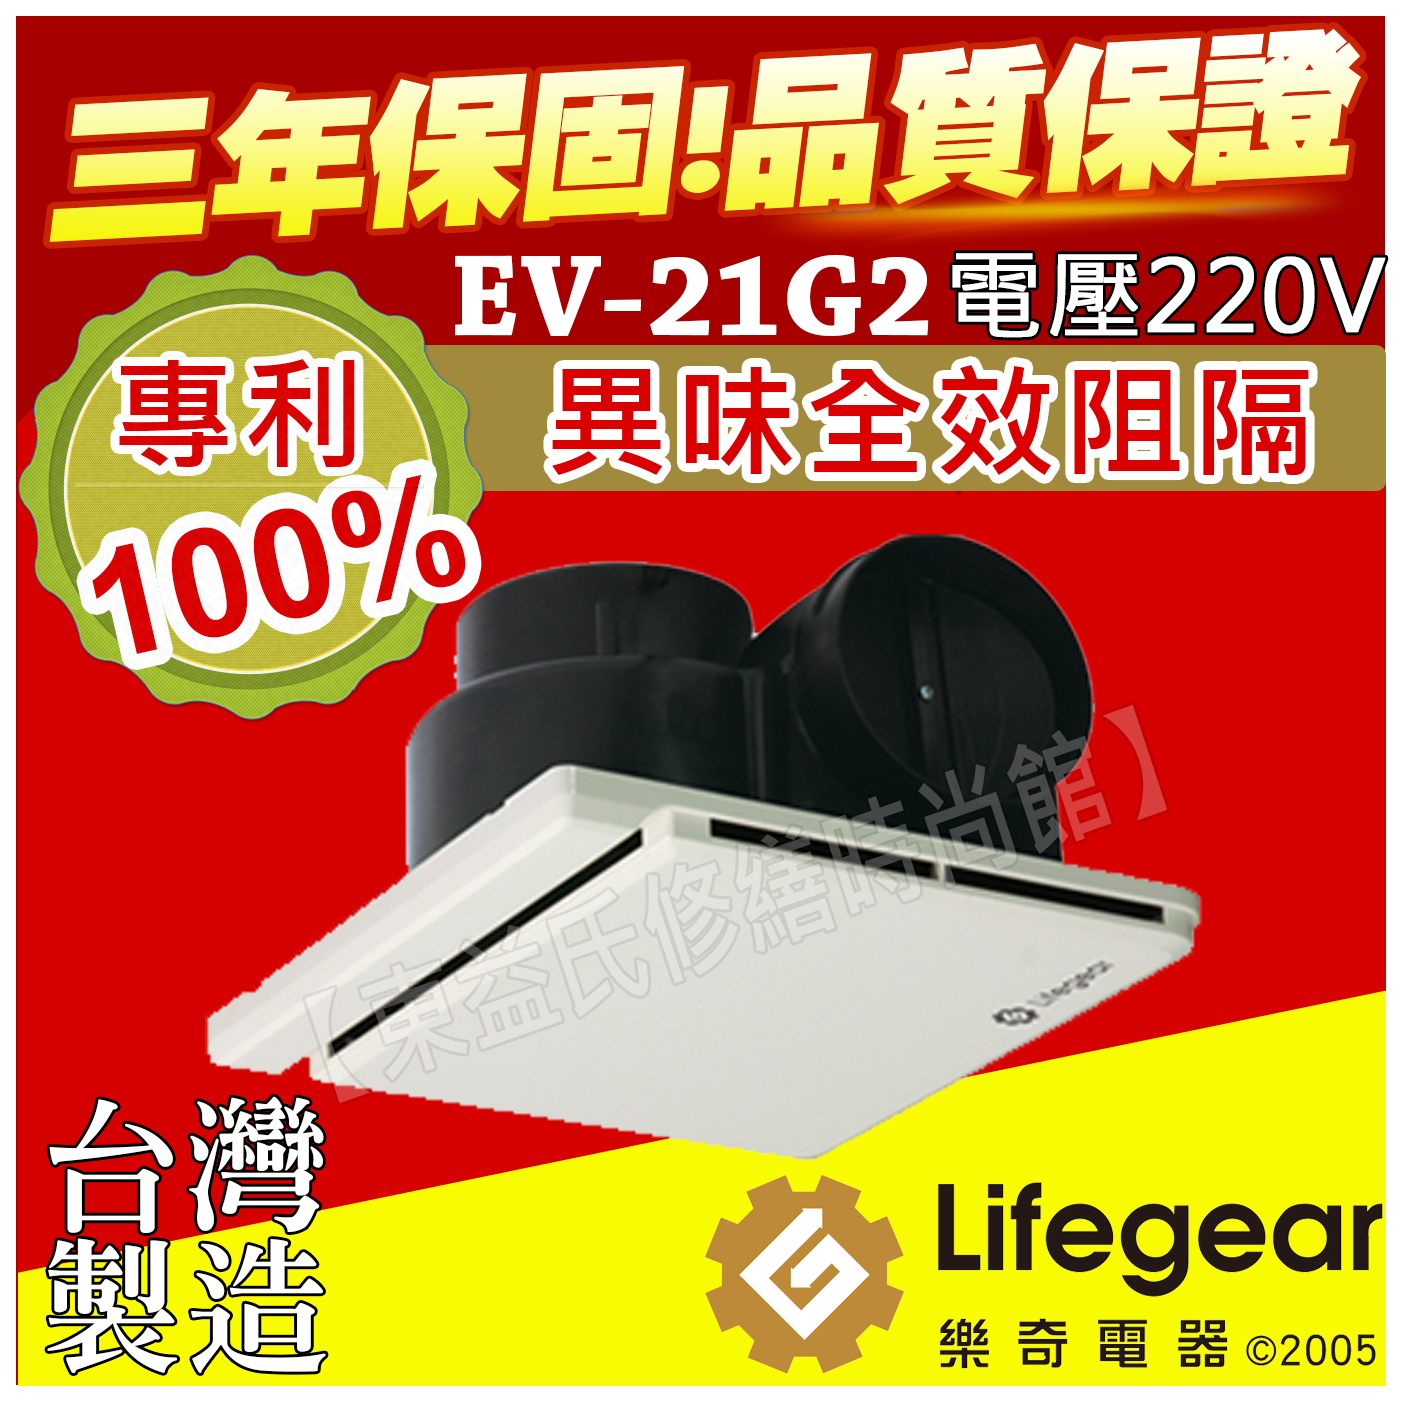 樂奇 Lifegear 超靜音換氣扇 EV-21G2超靜音 220v  三年保固 EV-21G1 110V【東益氏】 通風扇 排風扇 異味阻擋 異味阻絕 台灣製造 售阿拉斯加 國際牌 中一電工 香格里拉 三菱 亞昌